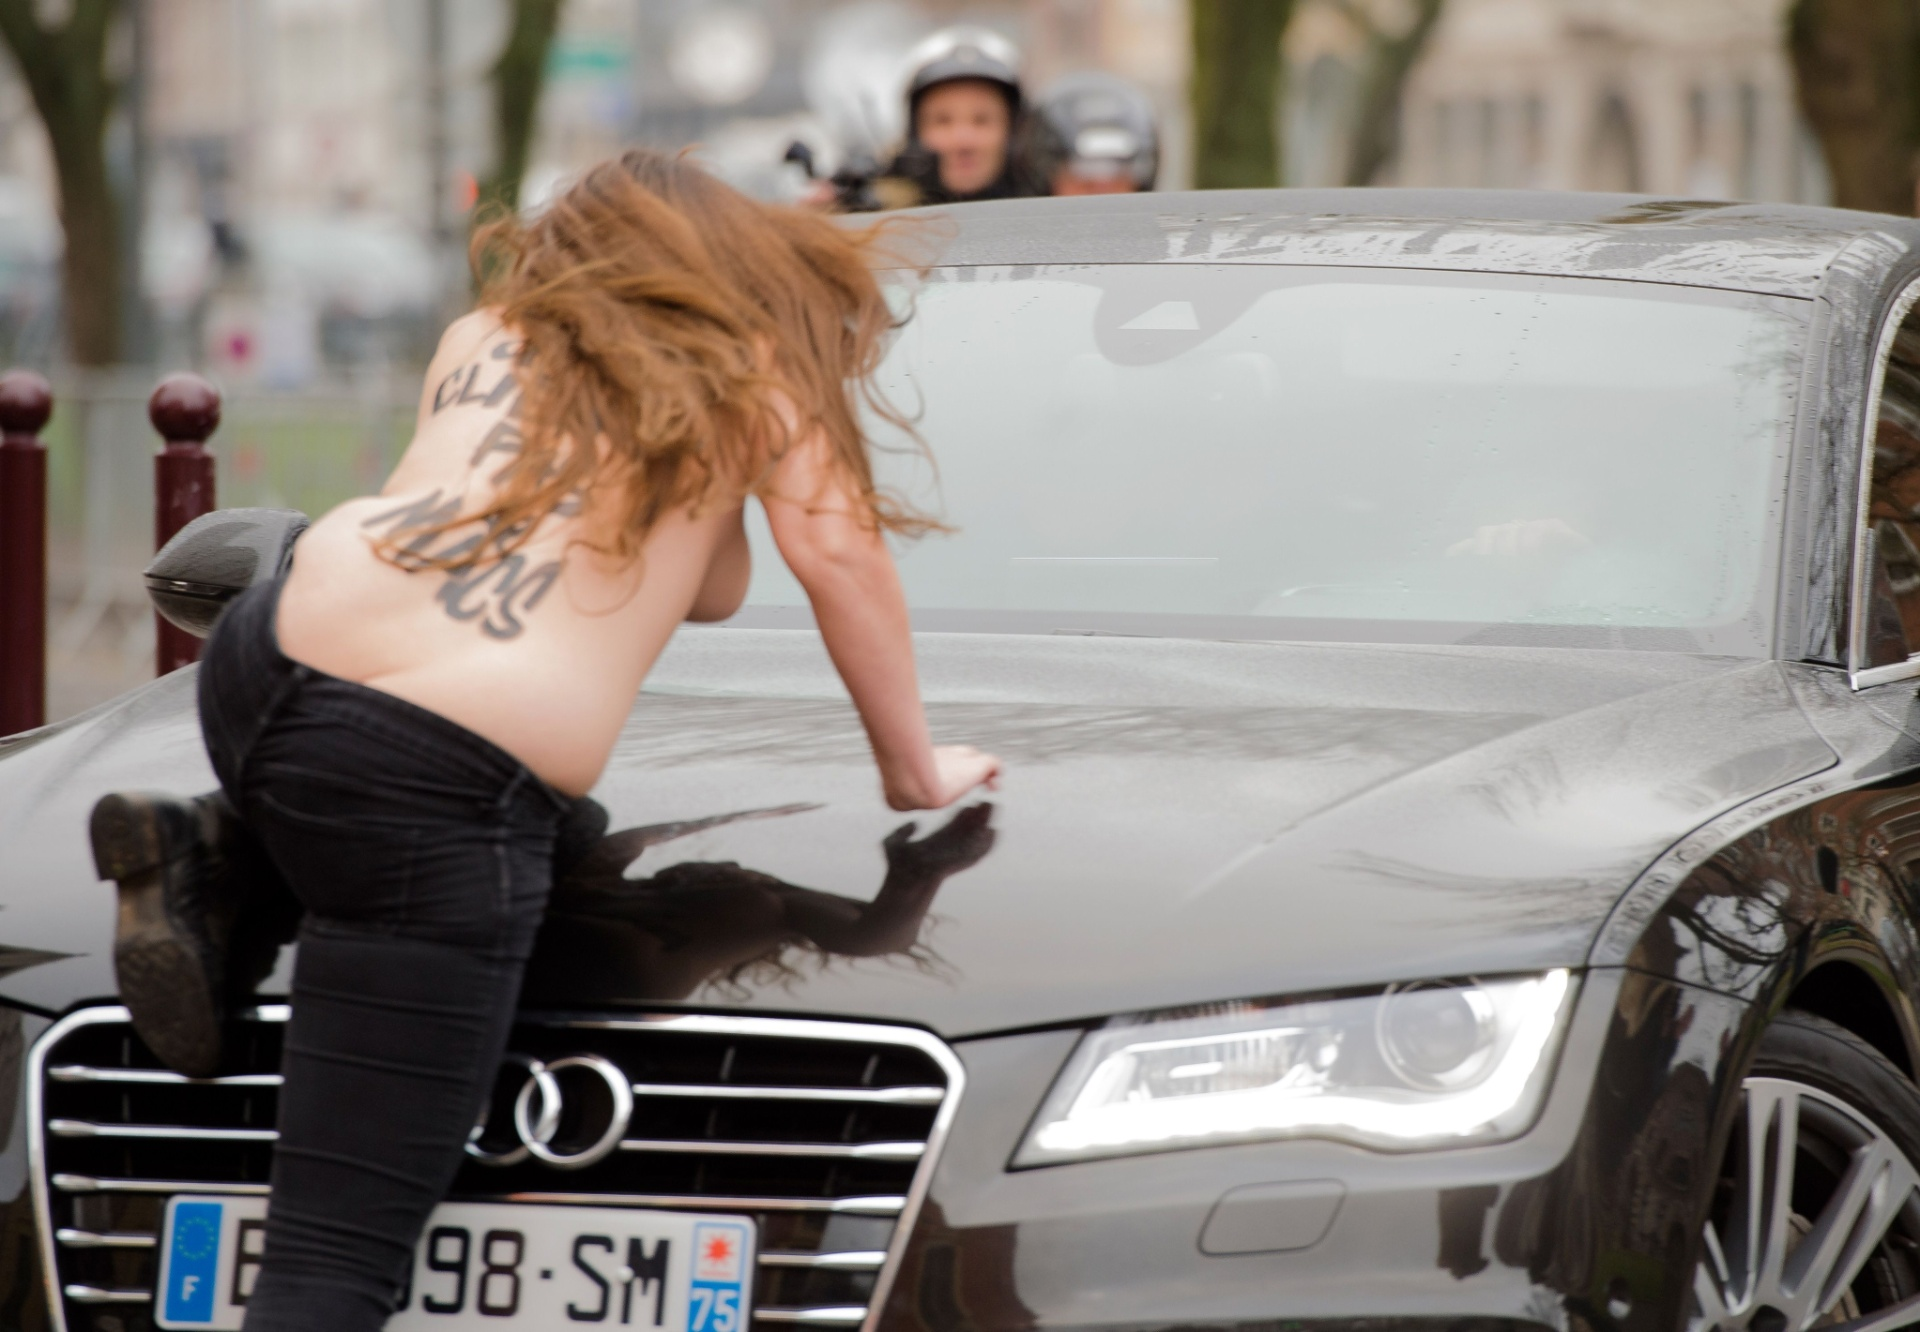 10.fev.2015 - Ativista do Femen sobe no carro do ex-chefe do FMI Dominique Strauss-Kahn, que chegou para ser julgado por exploração da prostituição, em Lille, no norte da França, nesta terça-feira (10). Três mulheres que faziam topless pularam no carro de Strauss-Kahn e foram detidas pela polícia